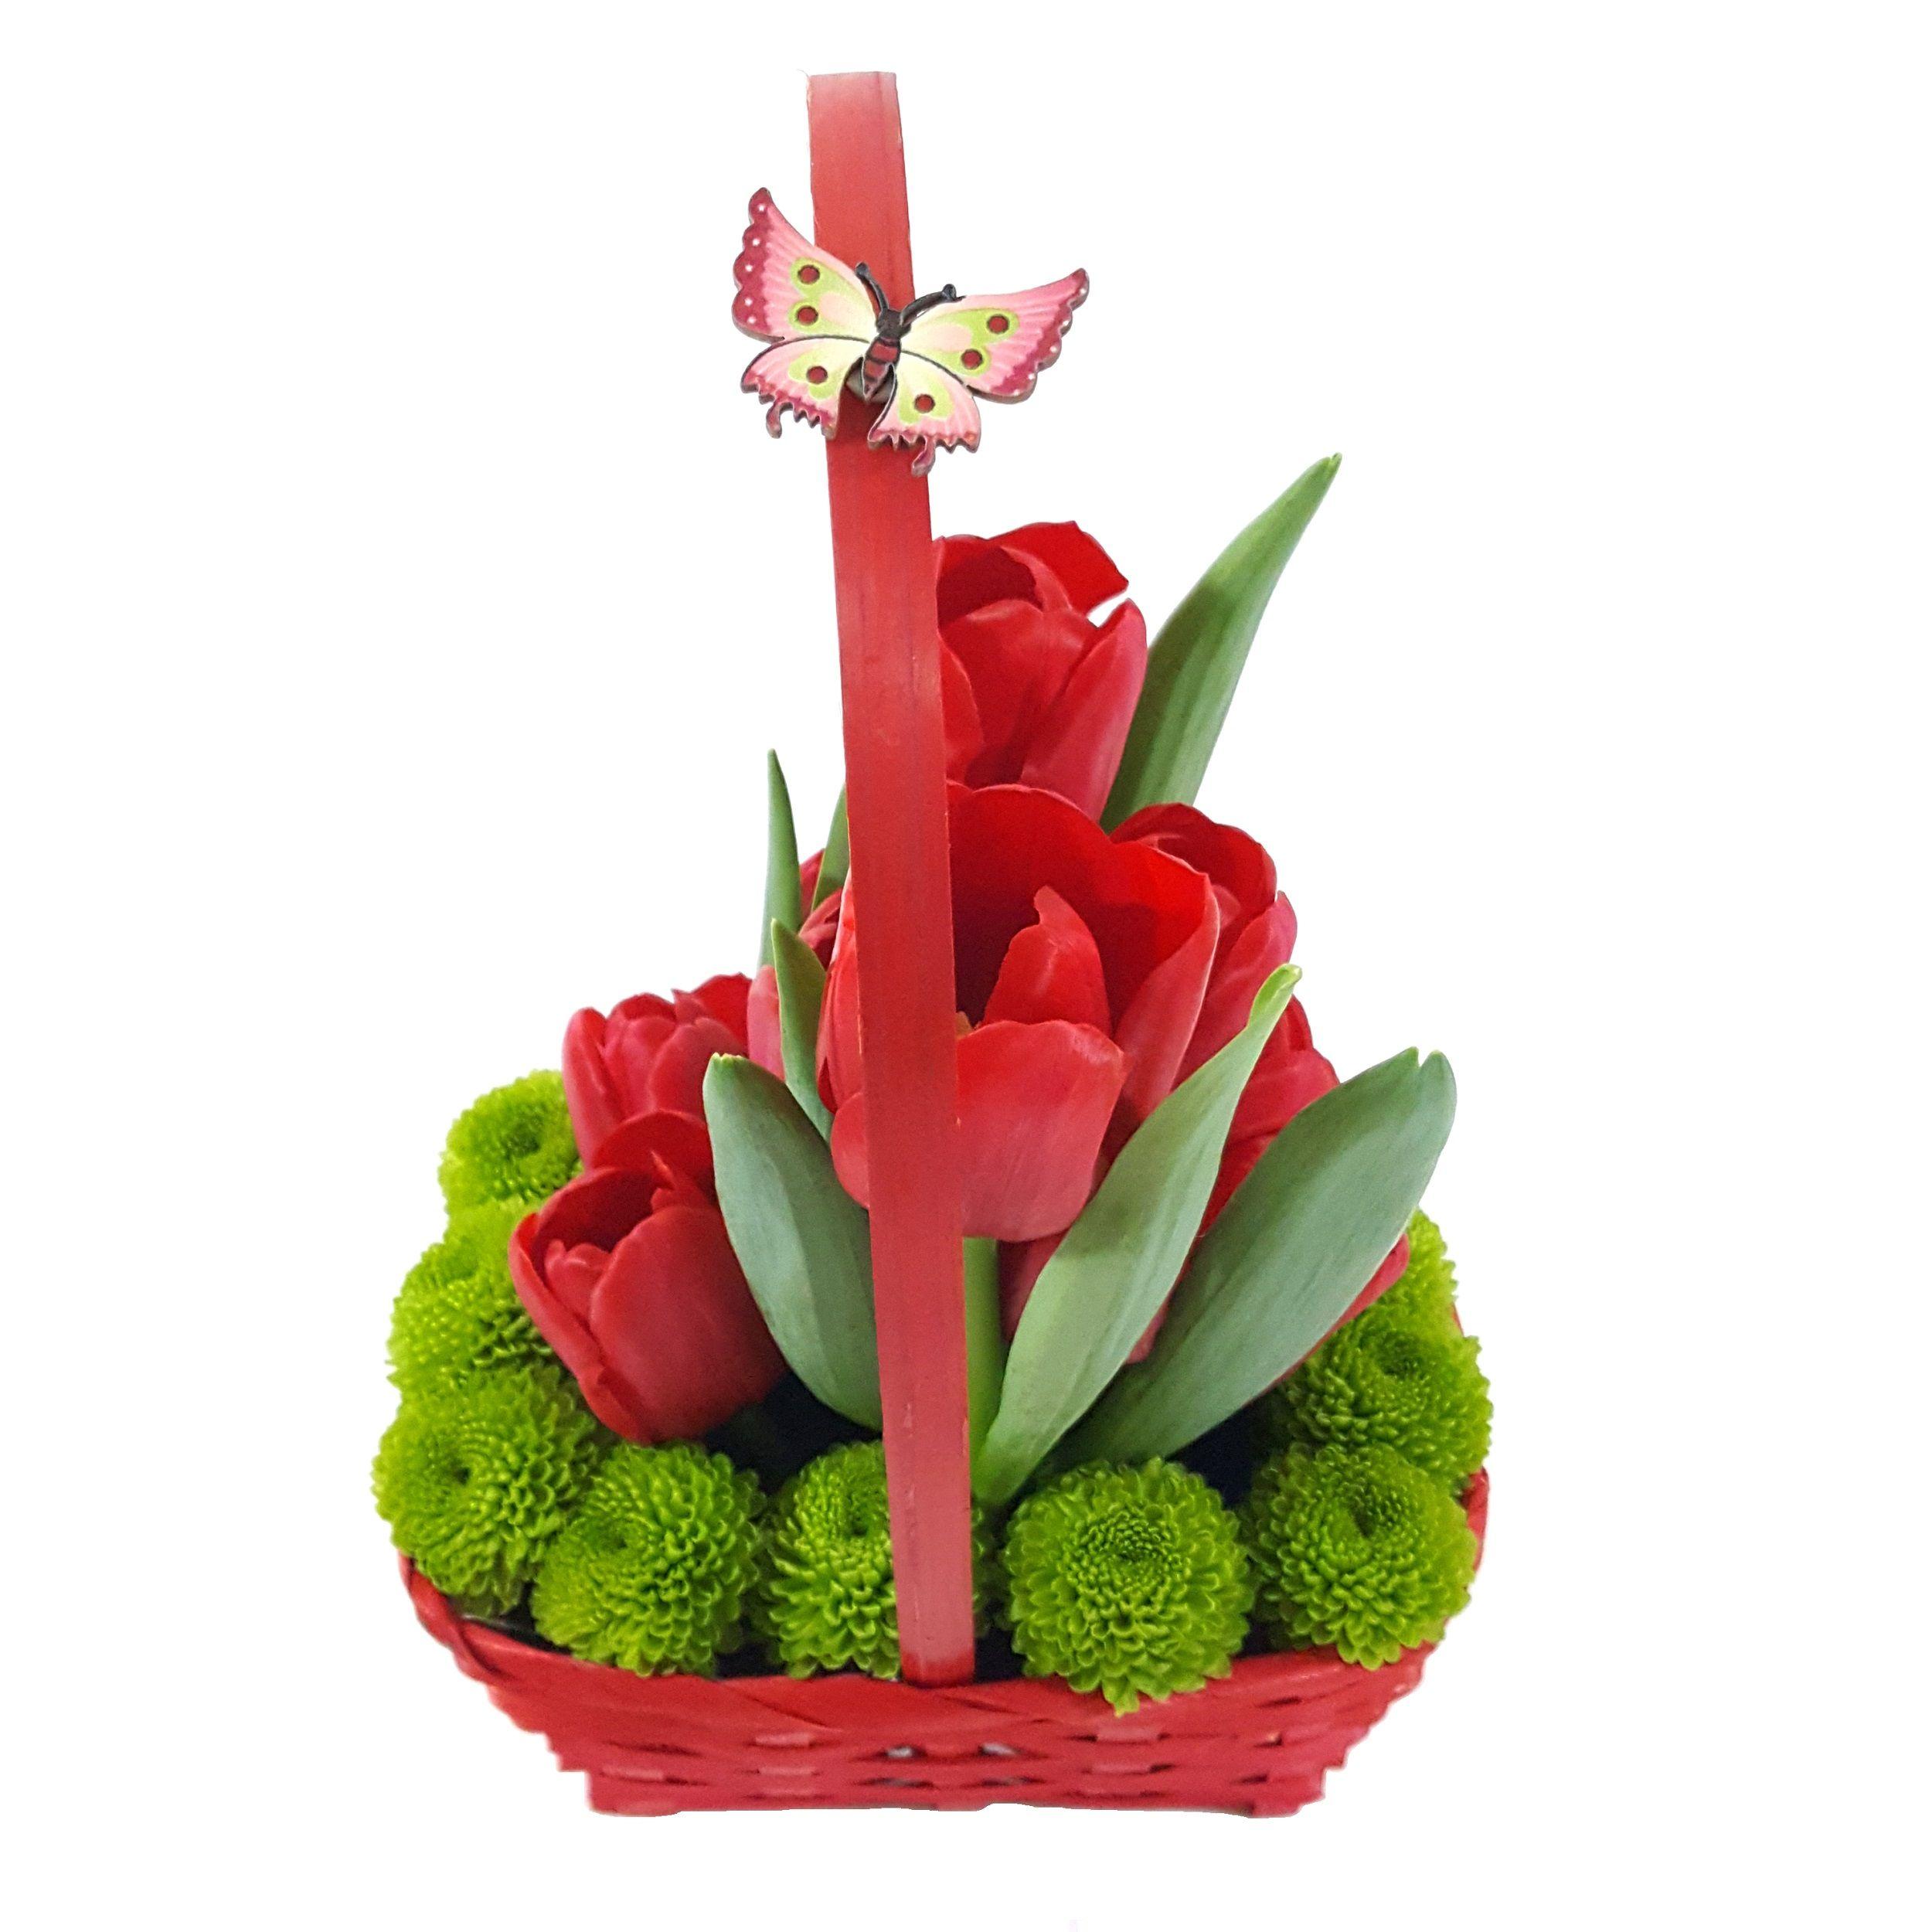 Aranjament Floral Cosulet Cu Lalele Rosii Aranjamente Florale